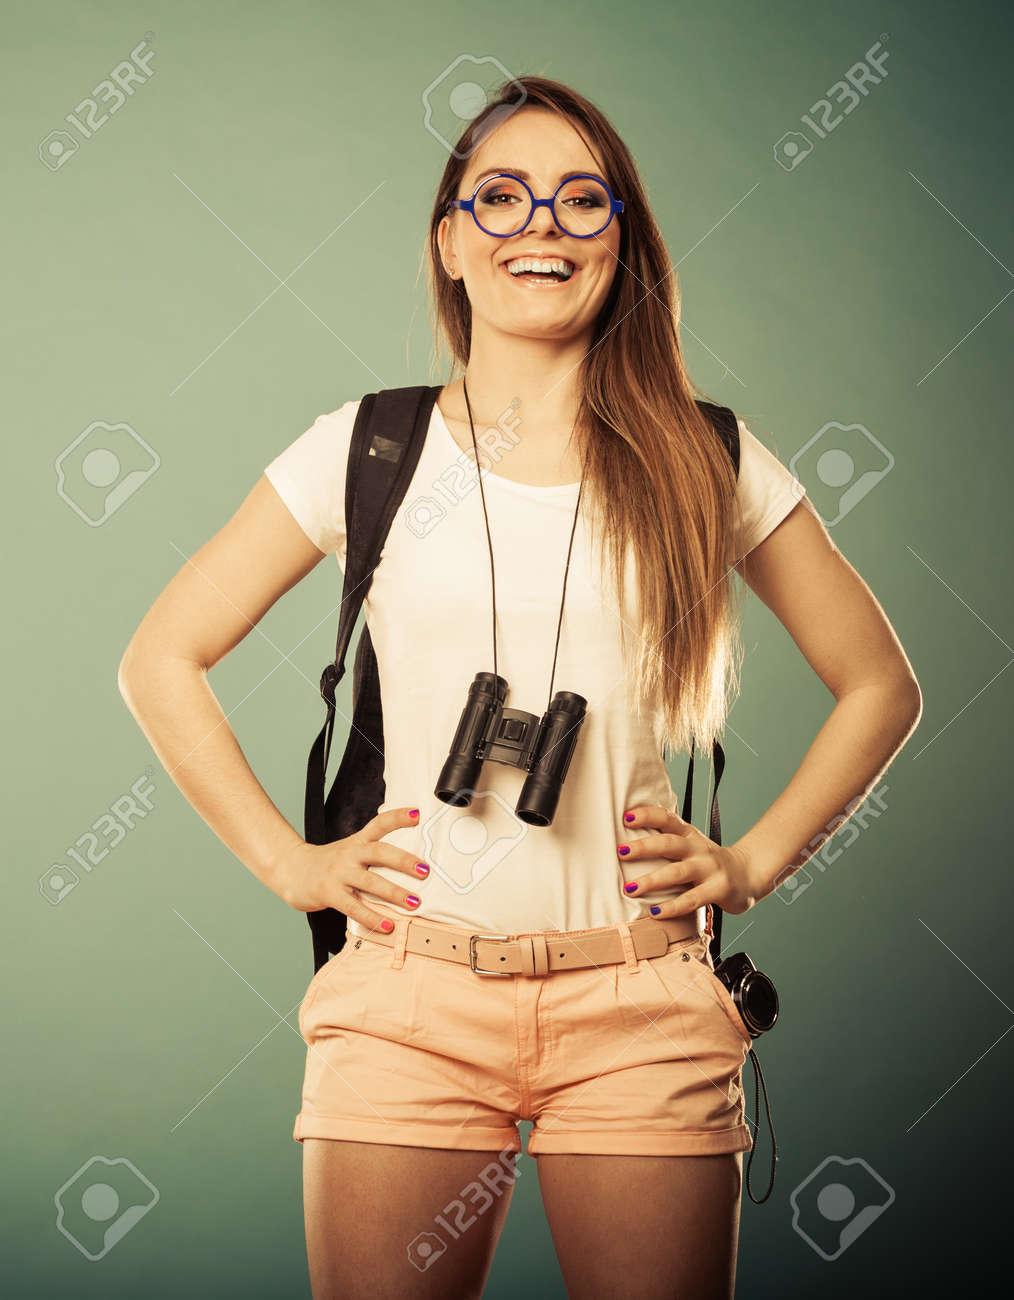 Sommerferien Und Tourismus Konzept Attraktive Frau Lange Haare Mit